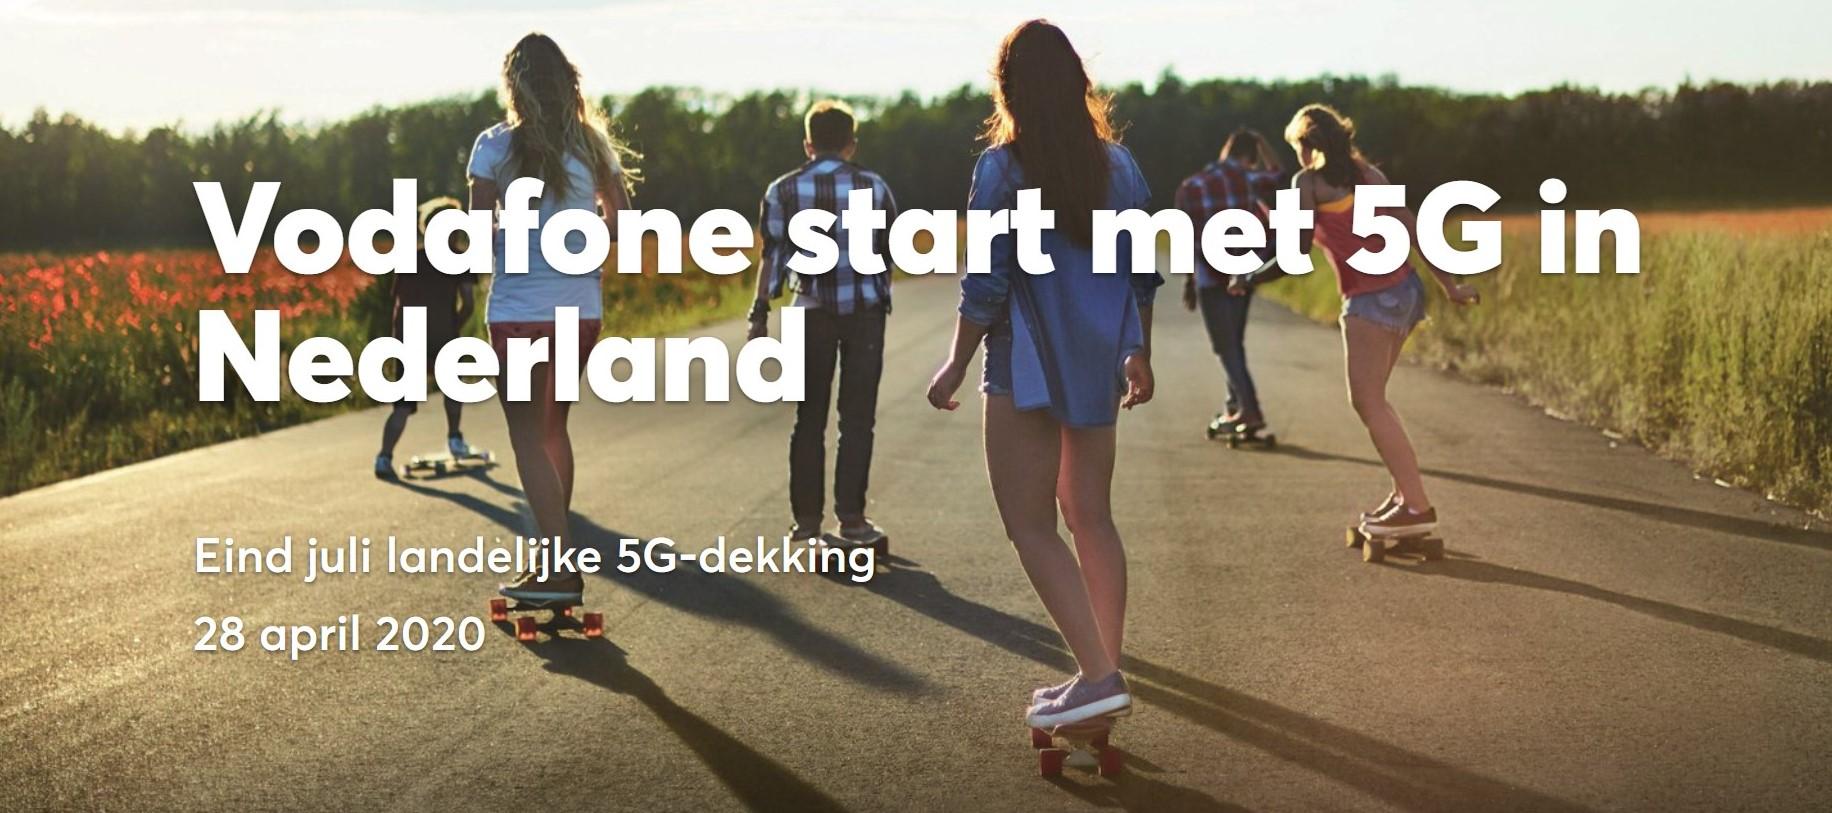 Vodafone start 5G netwerk in Nederland